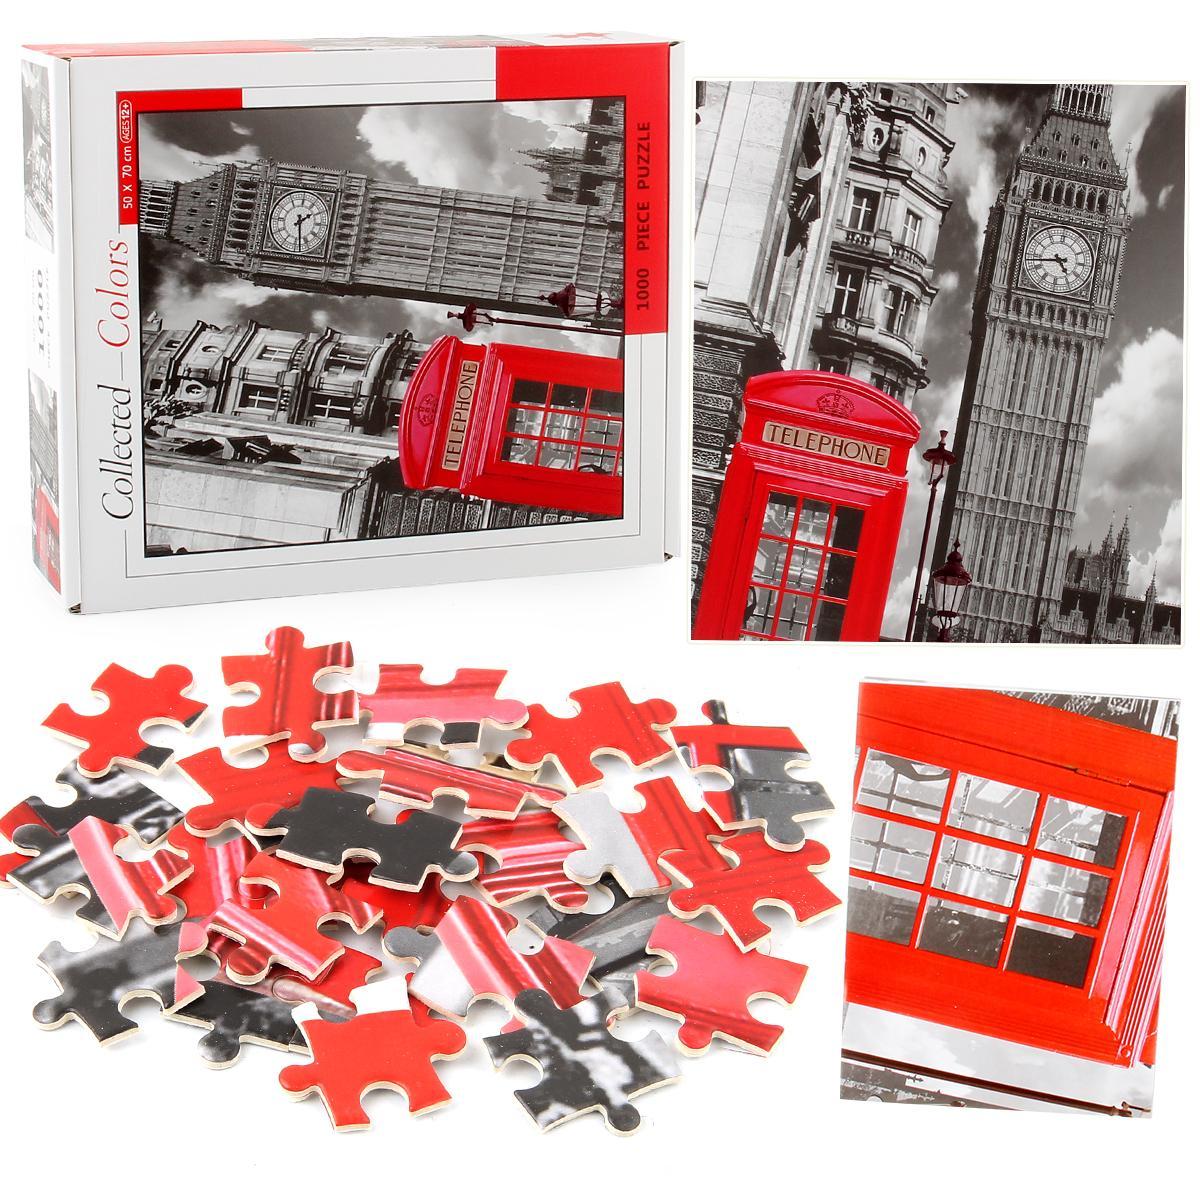 1000 bulmaca çapraz ötesi bulmaca yapı taşları Londra saat kulesi kalınlaşmış kağıt yetişkin gençlik eğitici dekompresyon oyuncaklar